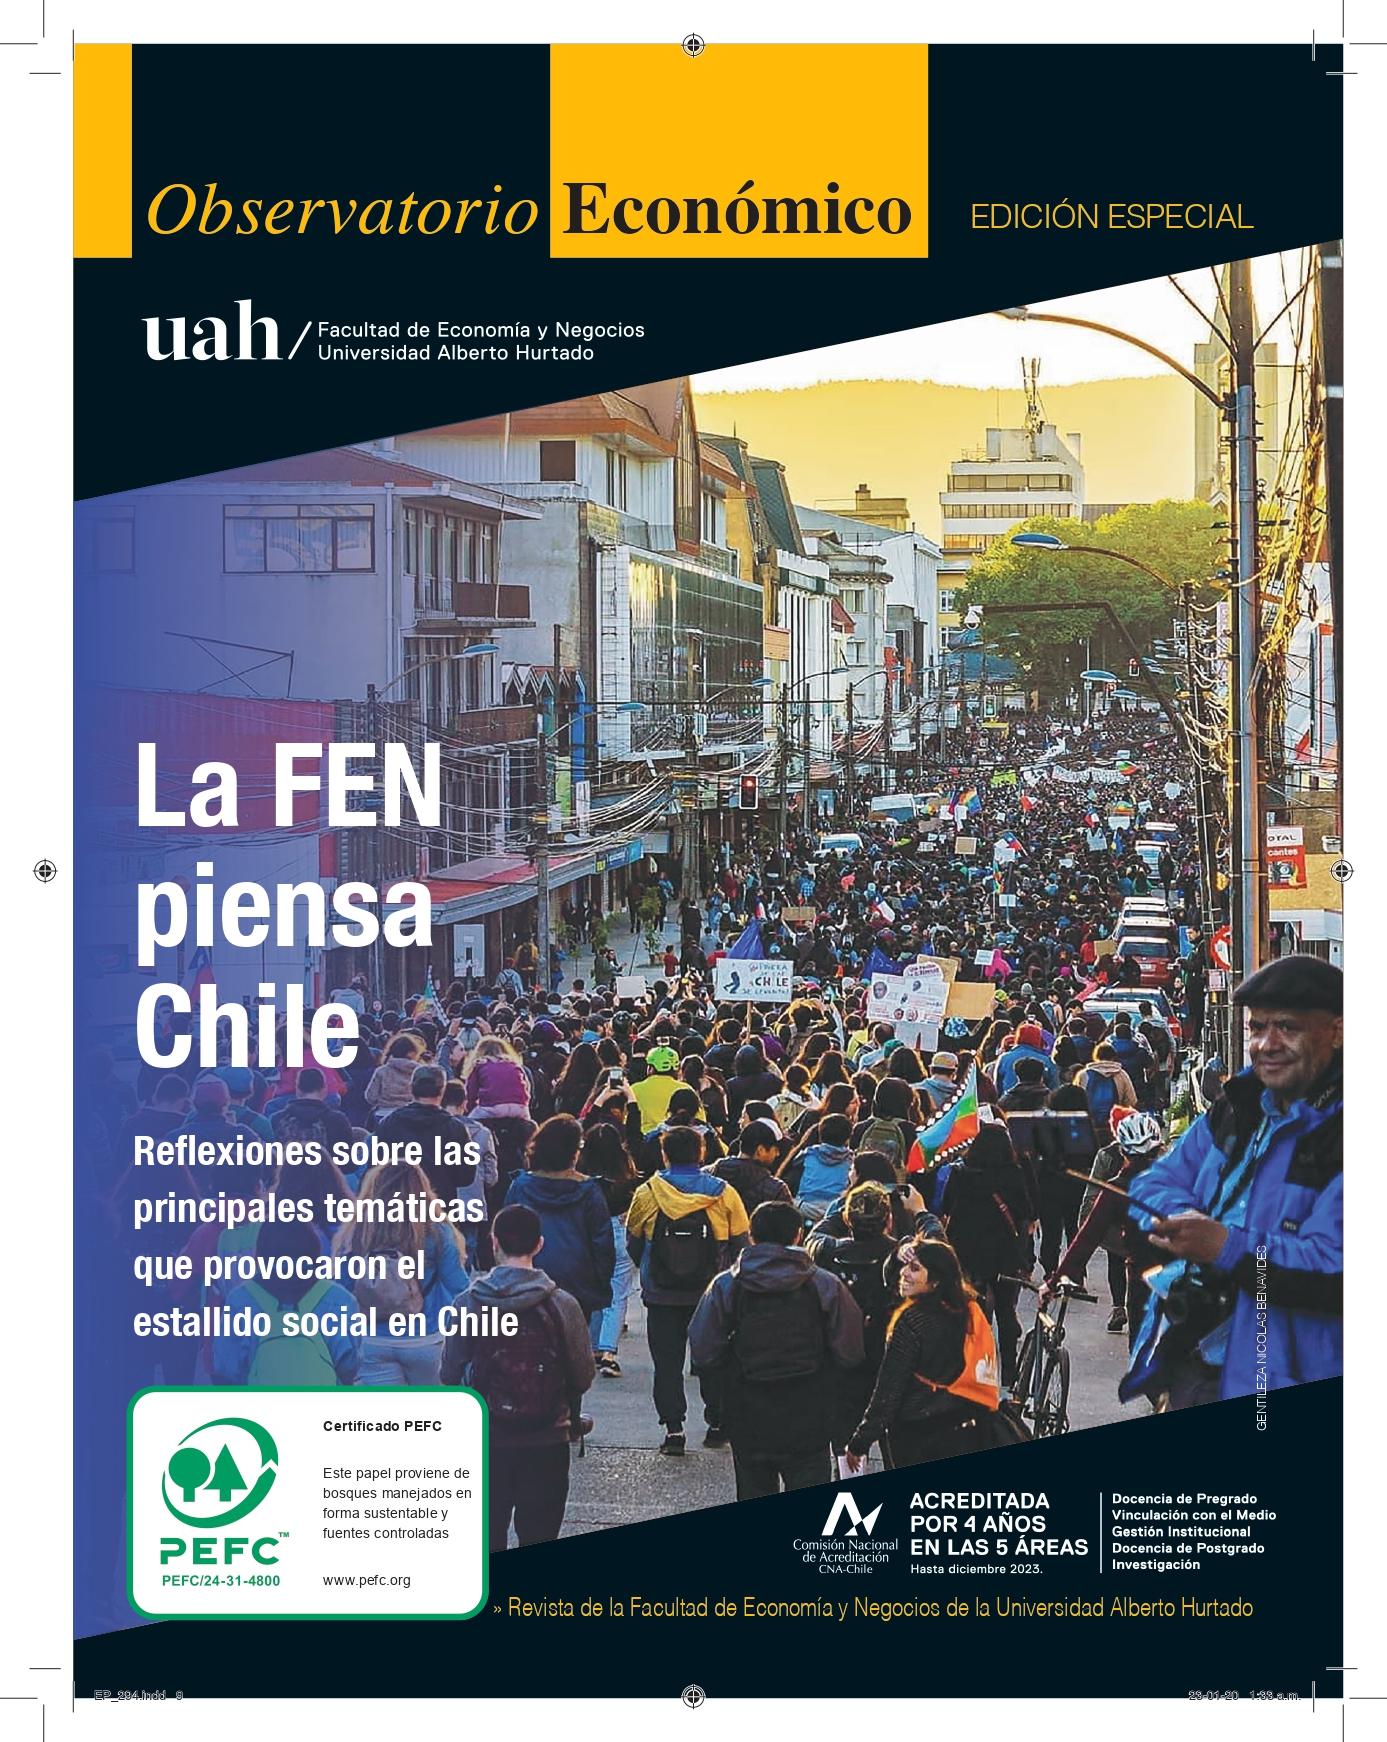 """Título del número de la revista : """"La FEN piensa Chile : Reflexiones sobre las principales temáticas que provocaron el estallido social en Chile"""""""